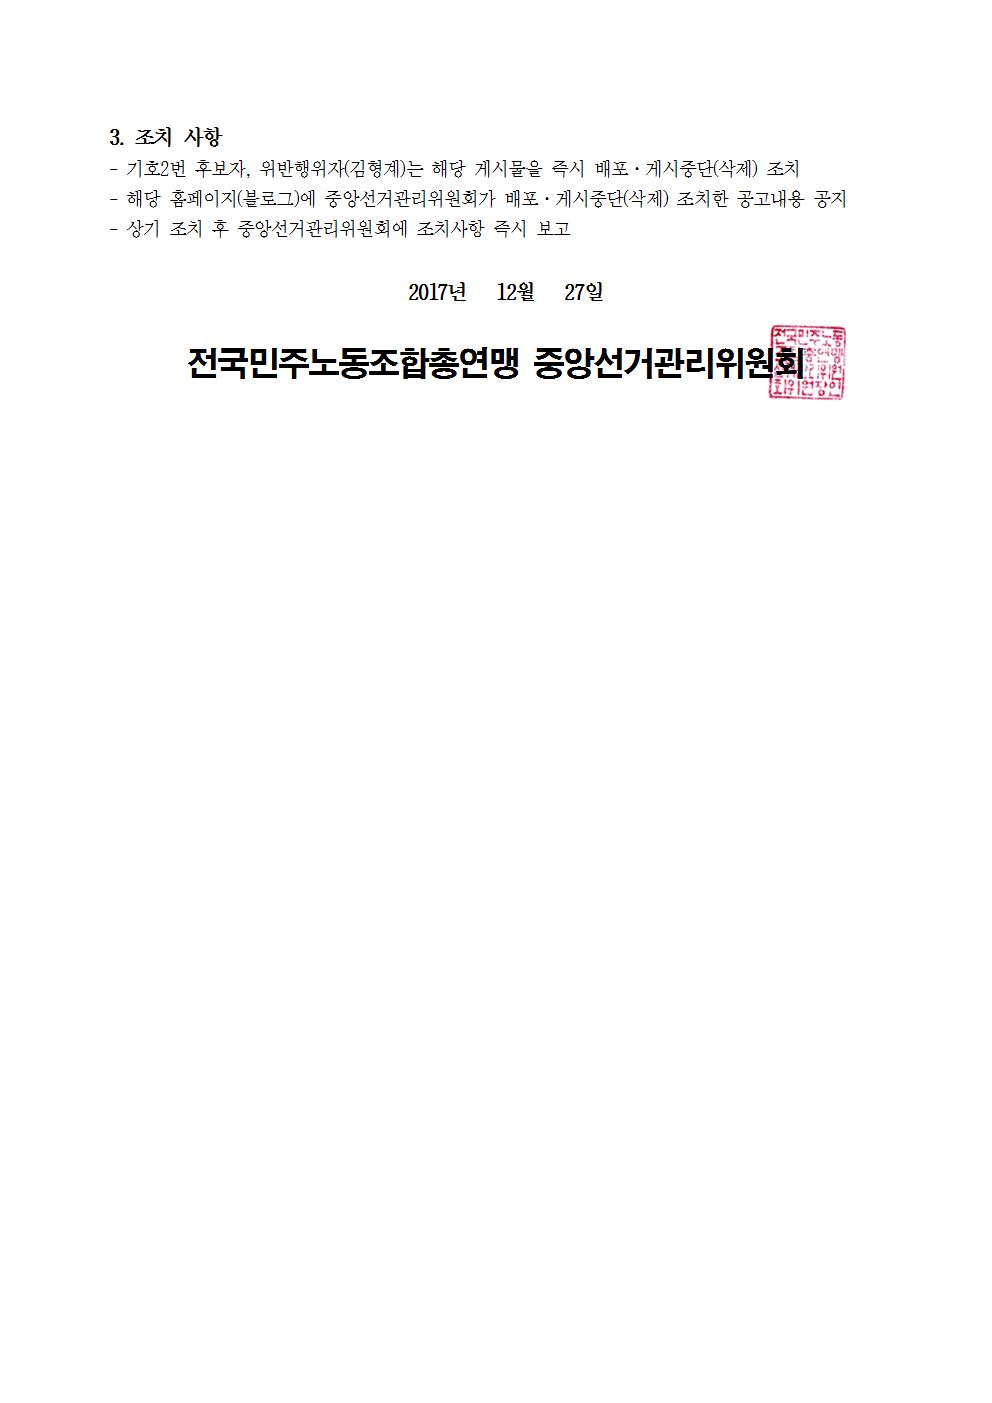 기호2번 후보자 결선 투표독려 연락 배포·게시중단(삭제) 명령 공고002.png